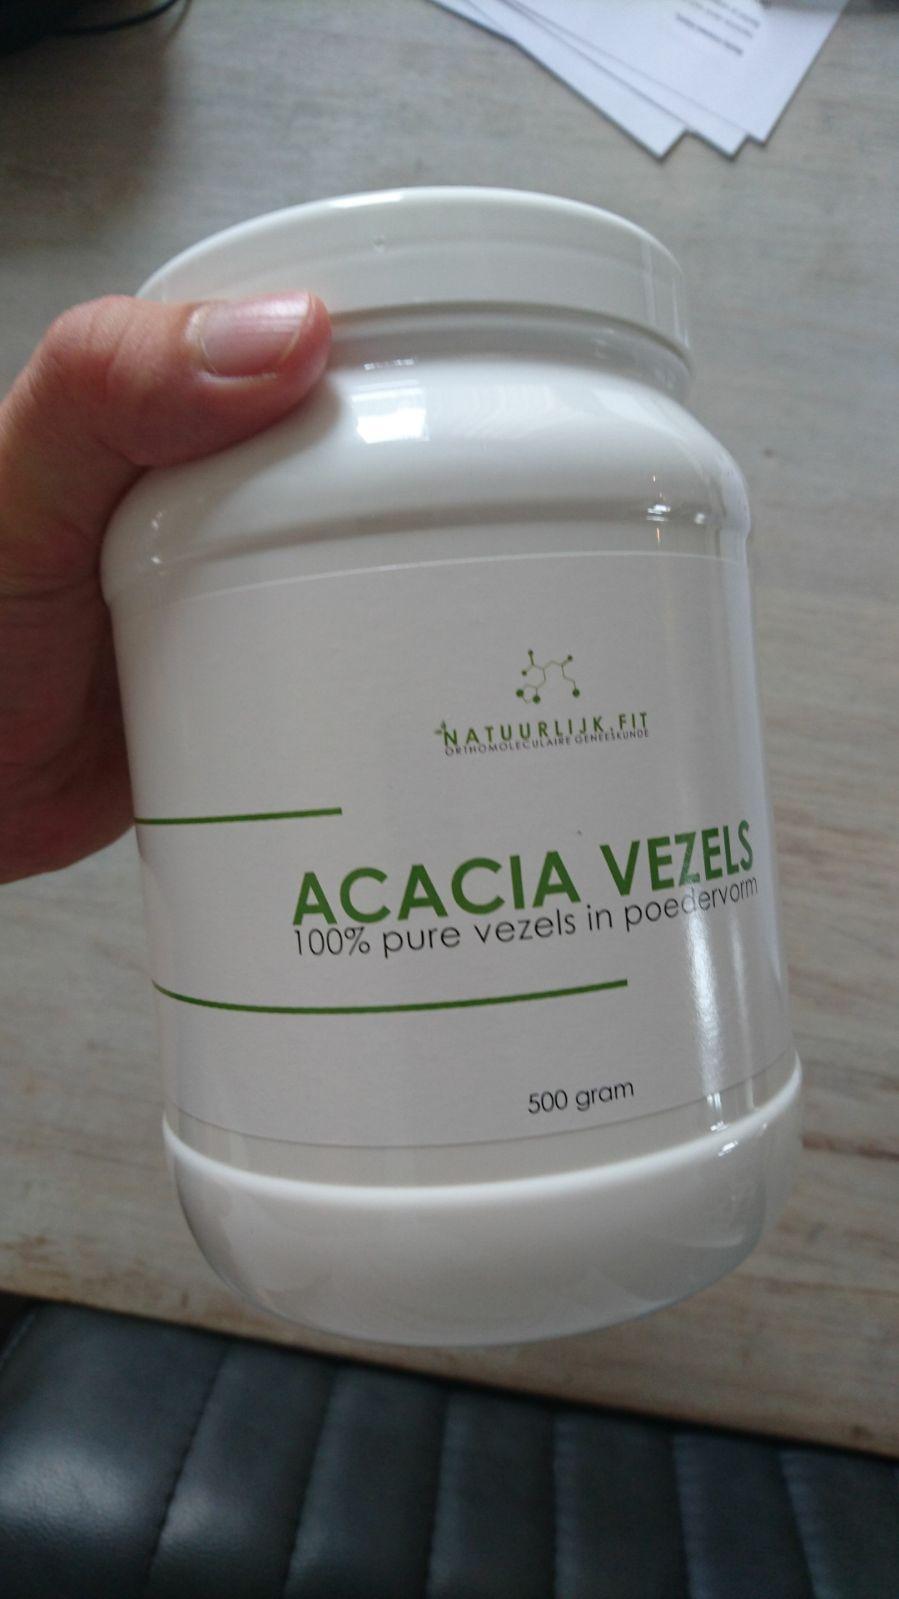 acacia vezels kopen